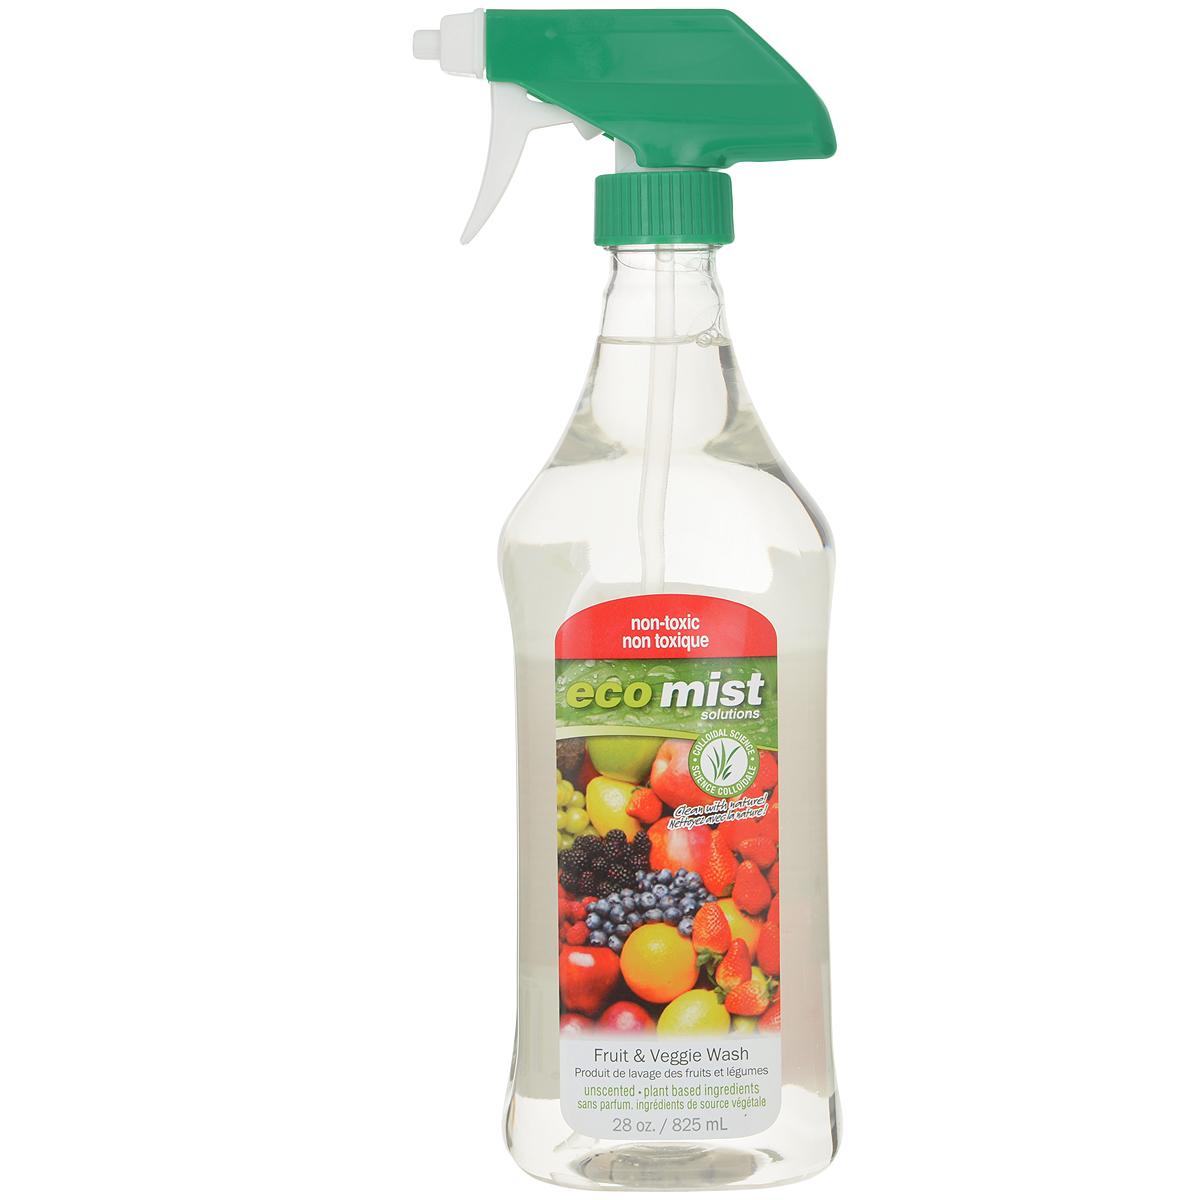 Средство для мытья фруктов и овощей Eco Mist, 825 млEM825XXFVTR06EFLУникальный спрей Eco Mist специально разработан для удаления пестицидов и других токсичных химикатов, воска, земли, удобрений, следов животных и насекомых, следов человеческого и животного происхождения с поверхности фруктов, овощей и корнеплодов. Безопасно. Нетоксично. Рекомендуется обрабатывать фрукты и овощи детям, беременным женщинам, людям страдающим аллергическими заболеваниями.Состав: дехлорированная вода, коричное масло, экстракт бурых водорослей, масло жожоба, экстракт кукурузы.